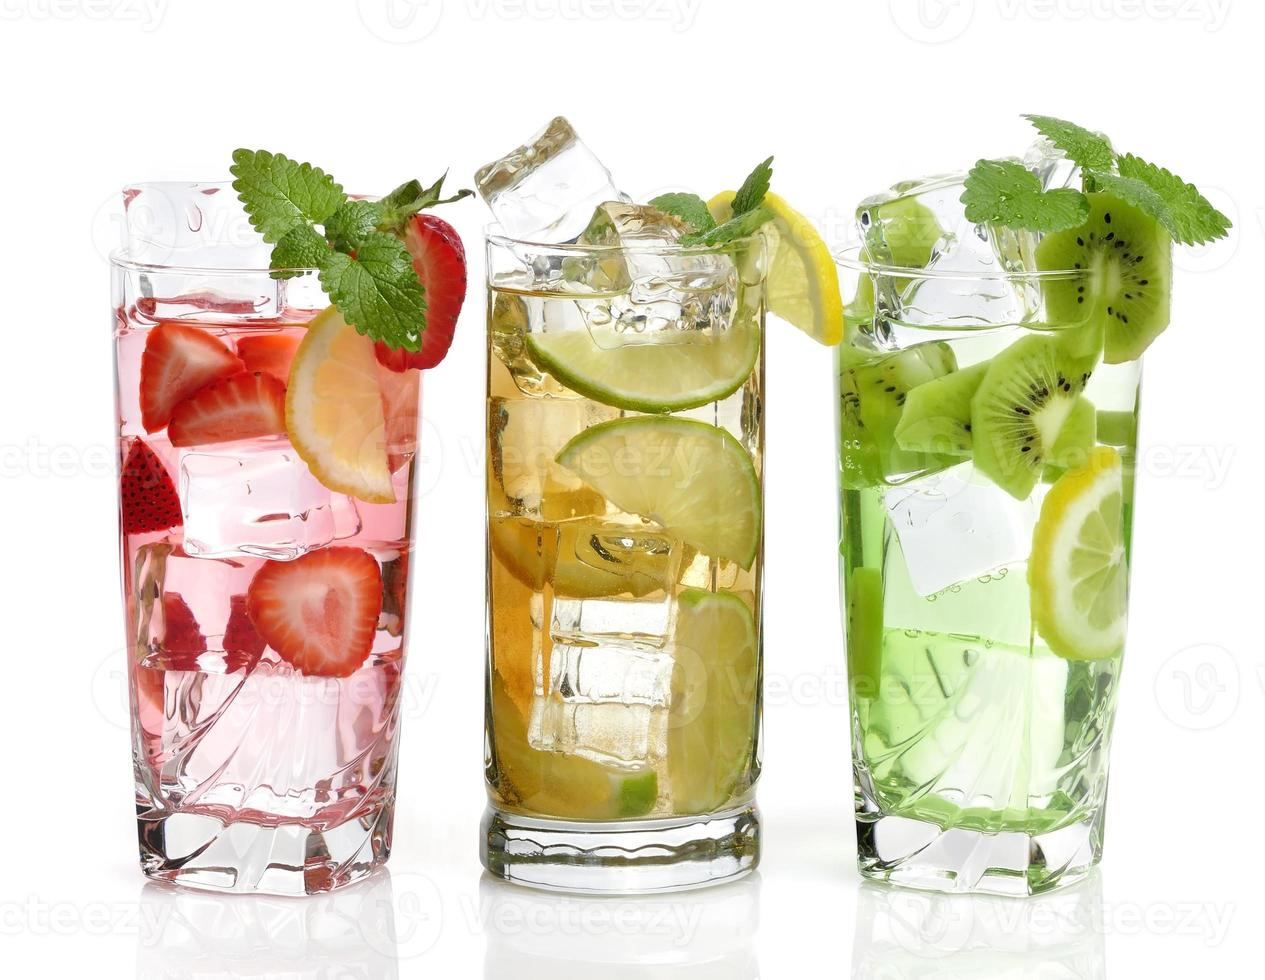 bebidas frias com frutas foto